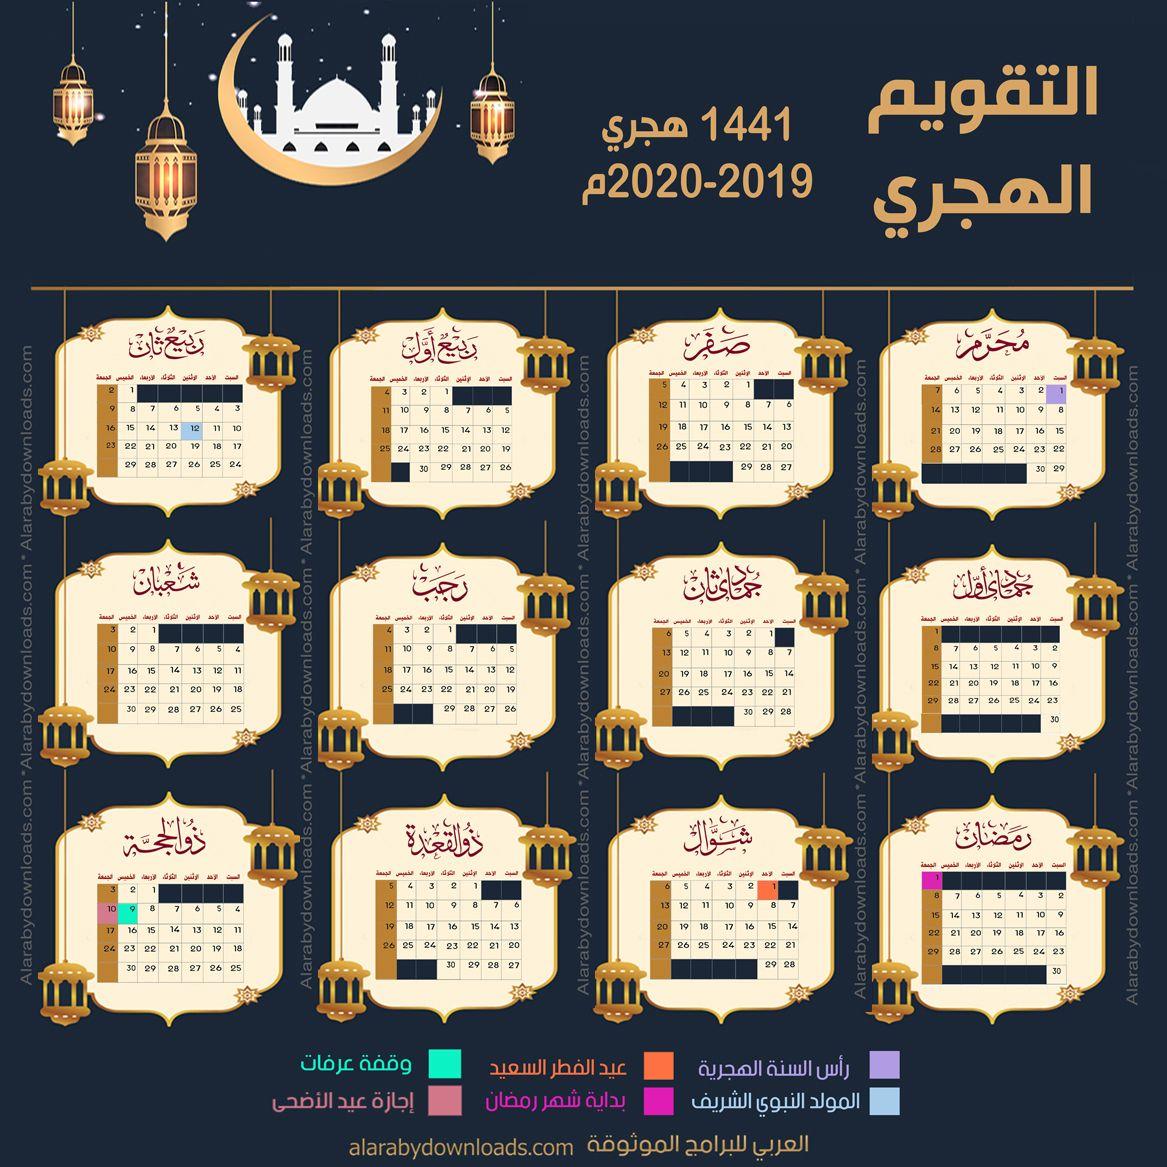 تحميل التقويم الهجري 1441 كم تاريخ اليوم بالهجري والميلادي والتقويم لهذا الشهر Hijri Calendar Calendar